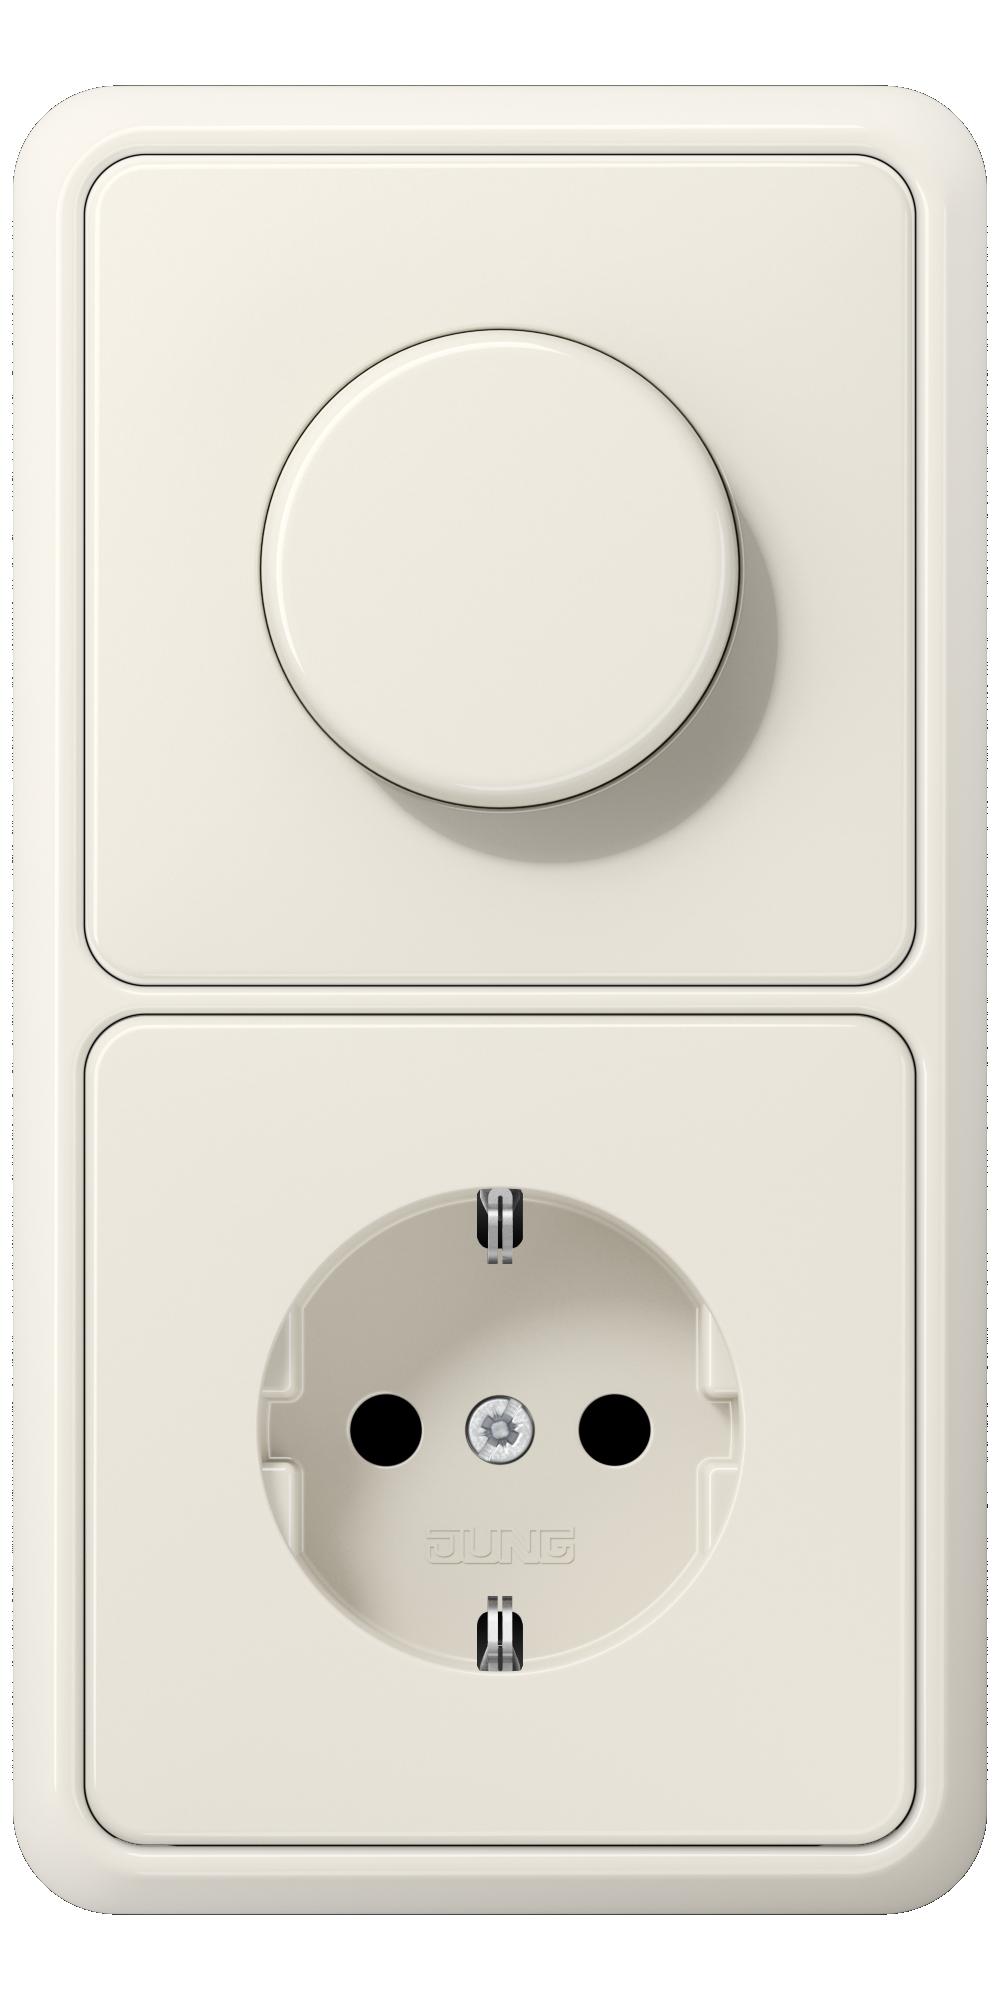 JUNG_CD500_ivory_dimmer-socket